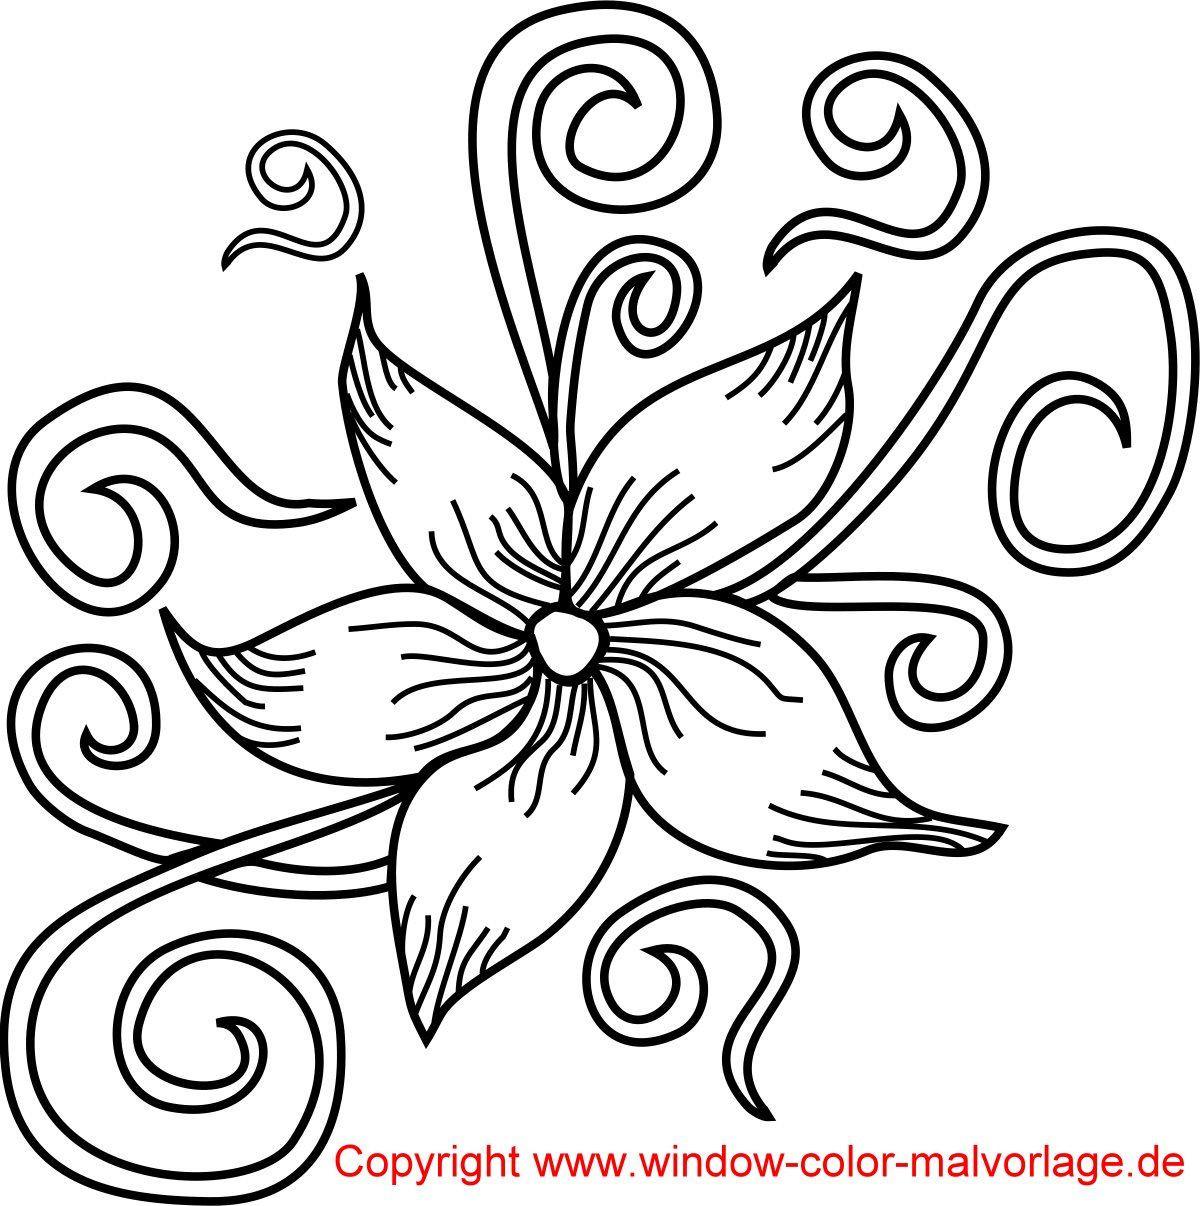 Blumenranken Ausmalbilder  Malvorlagen zum Ausdrucken Vorlagen Zeichnen